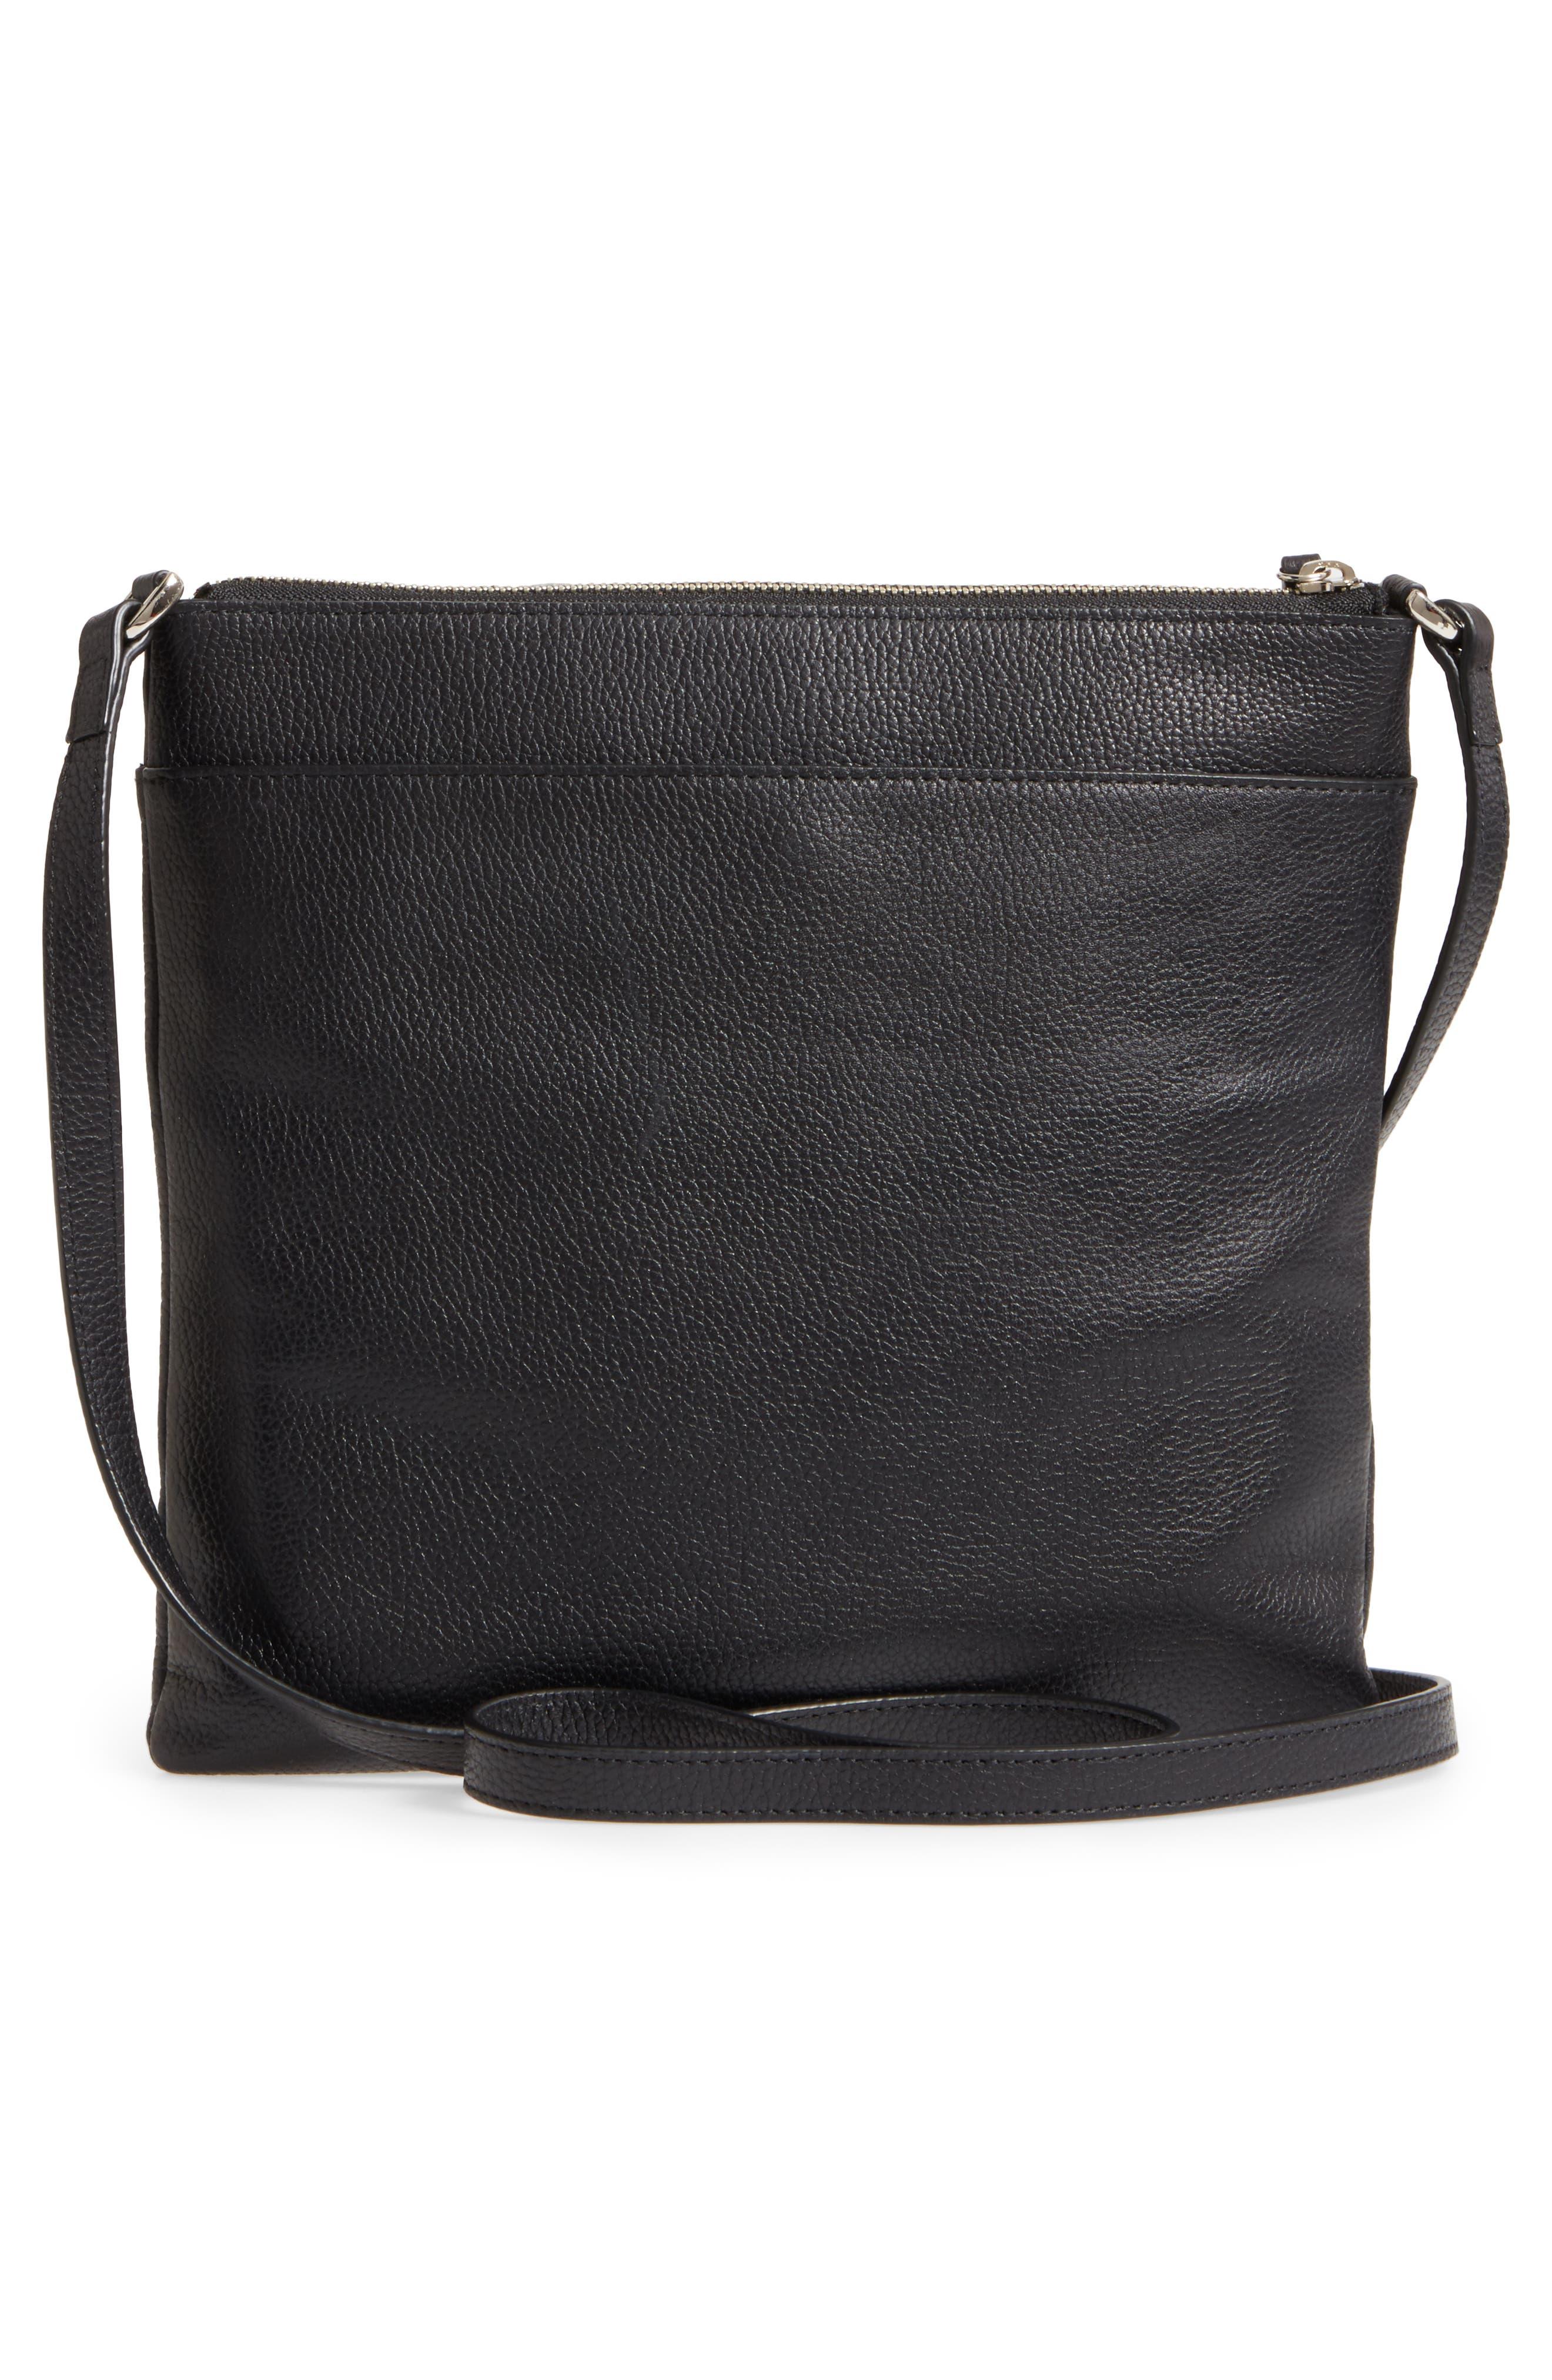 Finn Leather Crossbody Bag,                             Alternate thumbnail 3, color,                             BLACK